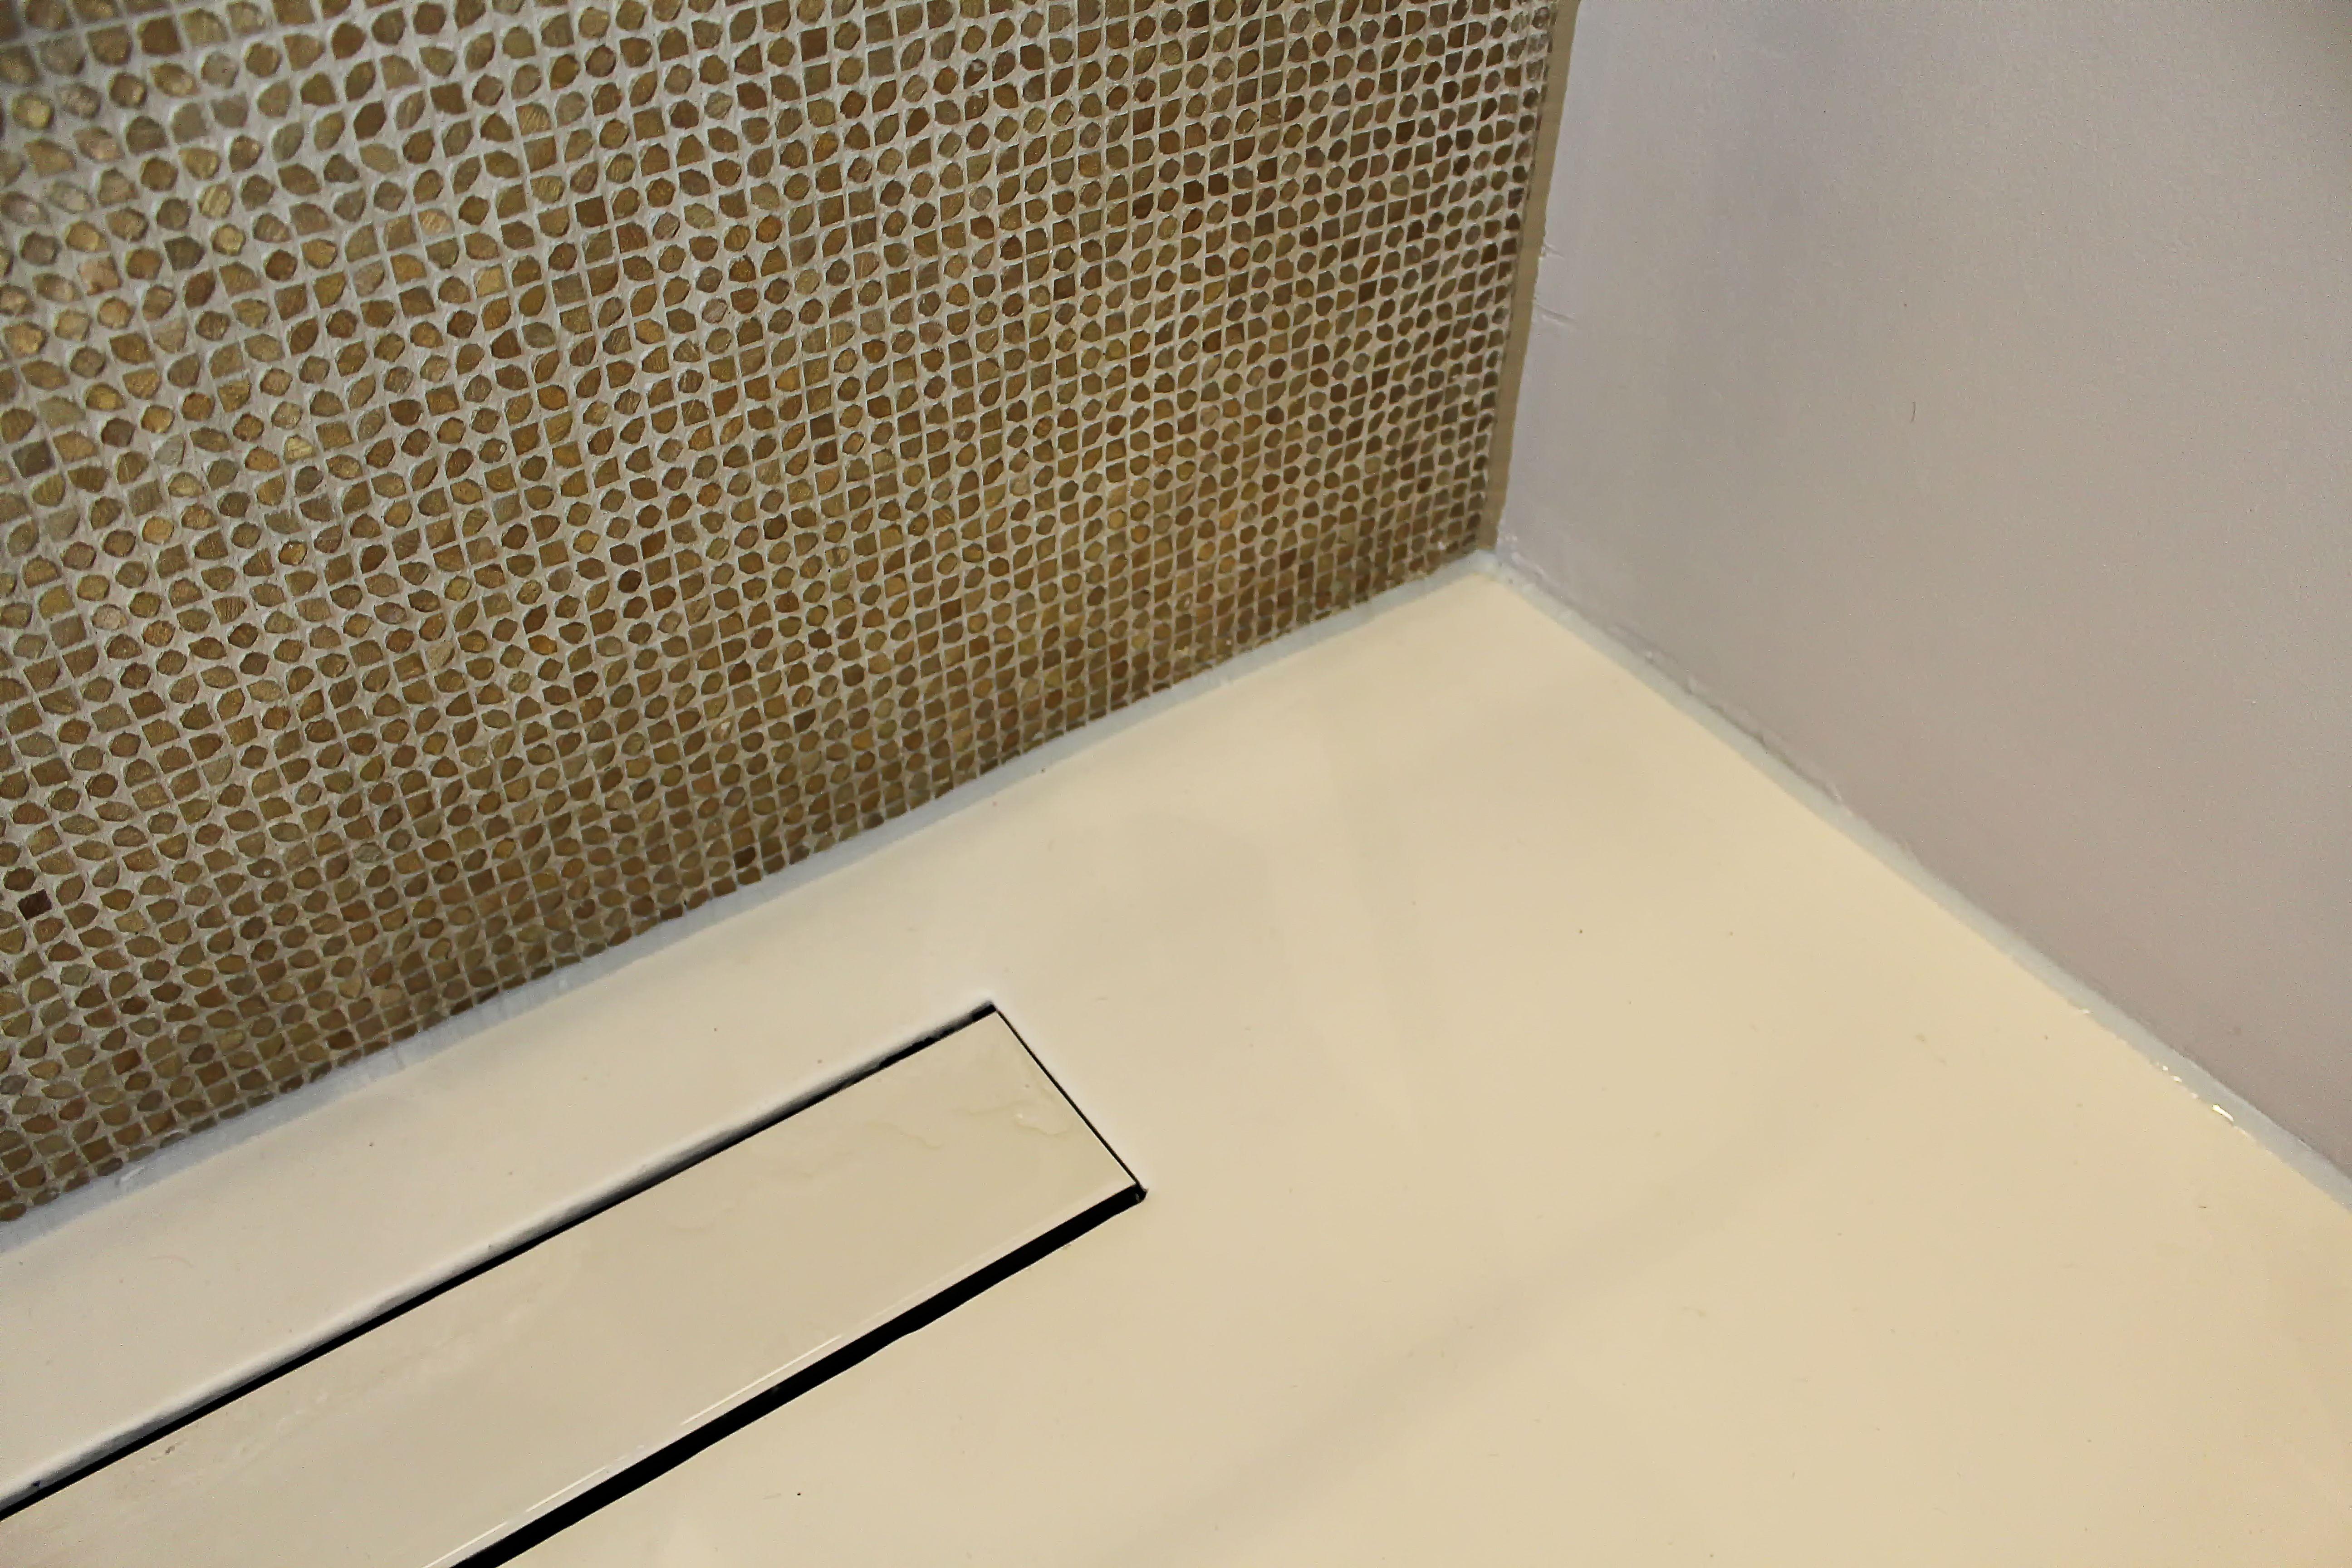 Kunststof Badkamer Vloeren | Motion Gietvloeren #Gietvloer ...